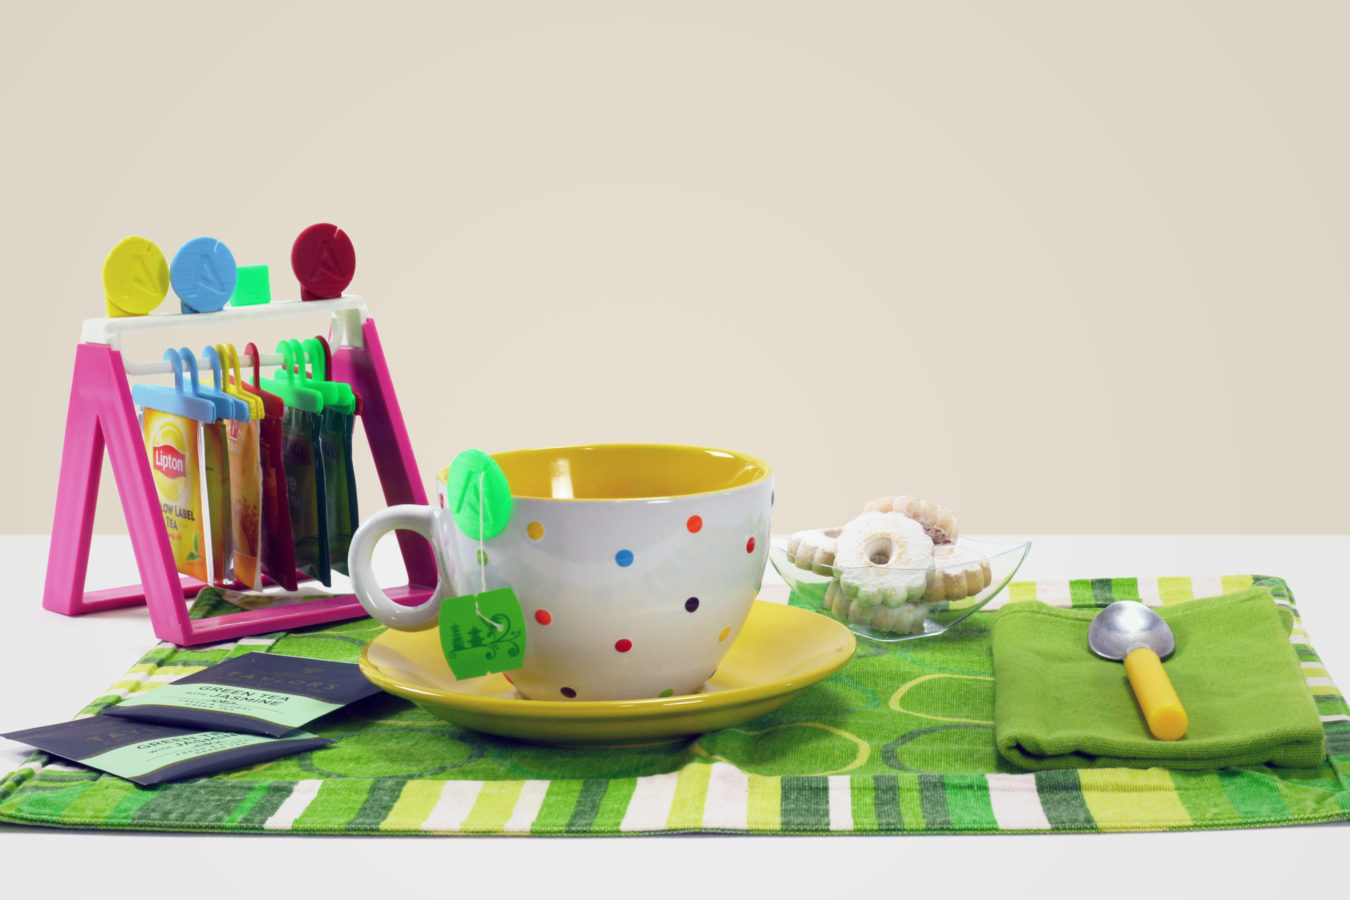 Tea Shirt - Brignetti Longoni Design Studio - Tè, bustine, dispenser, t-shirt, maglietta, prodotto, design, autoproduzione, stampa 3D, riciclo, riuso, tisane, cucina, tableware, accessori, casa, eumakeit, eumakers, bobina, filamento, pla, bio, progetto, modello 3d, prototipo.